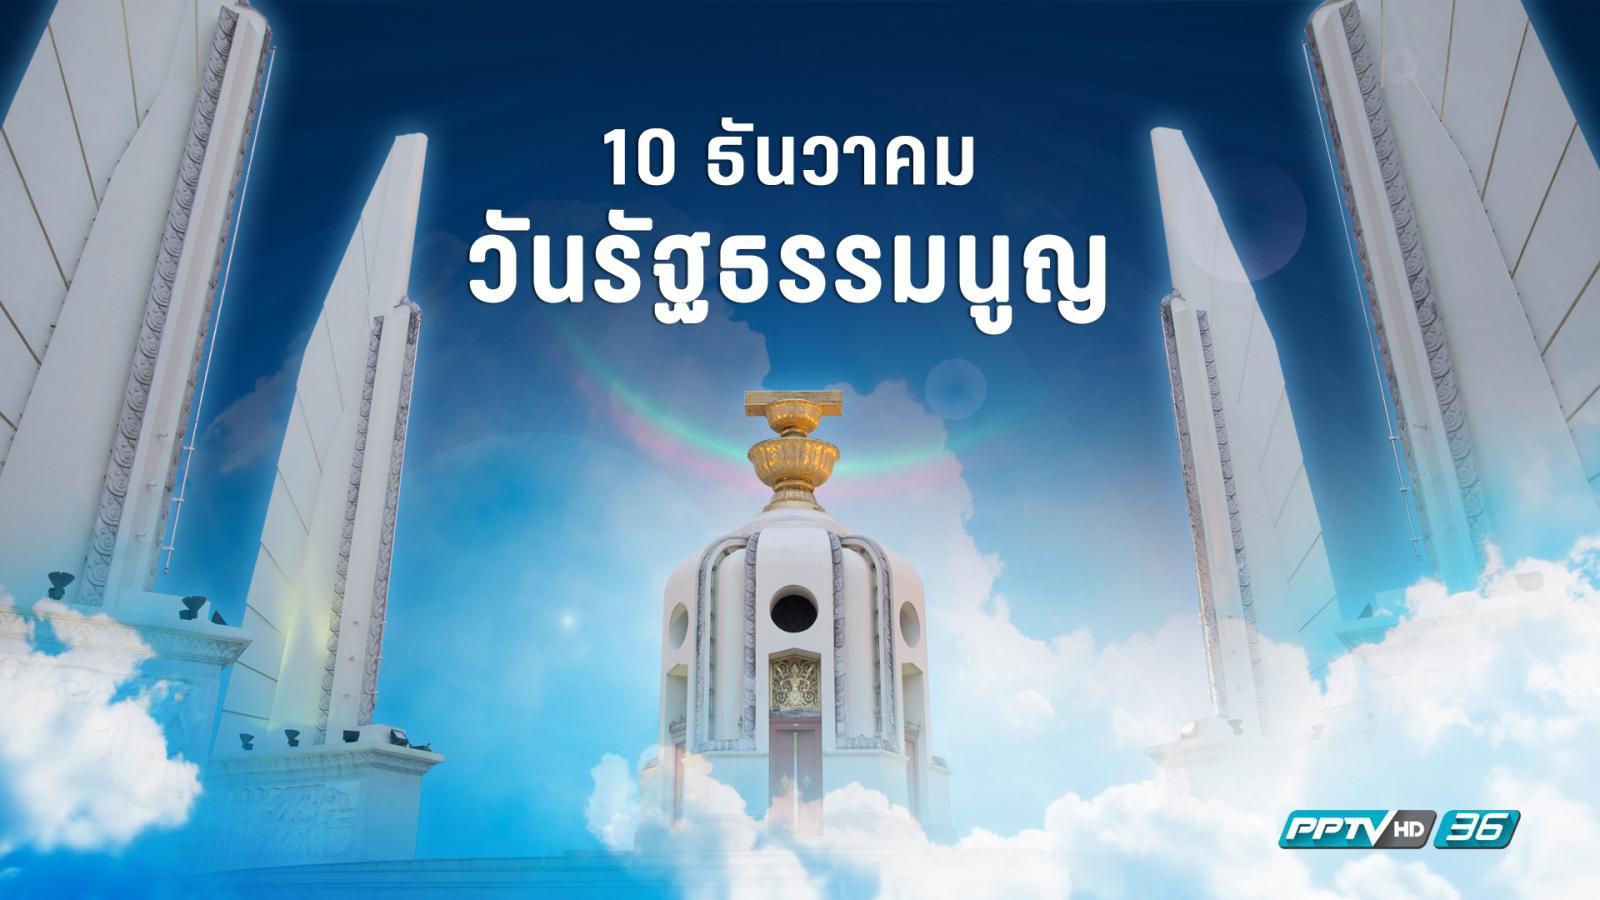 """10 ธันวาคม """"วันรัฐธรรมนูญ"""" หนึ่งวันสำคัญทางประวัติศาสตร์ไทย"""